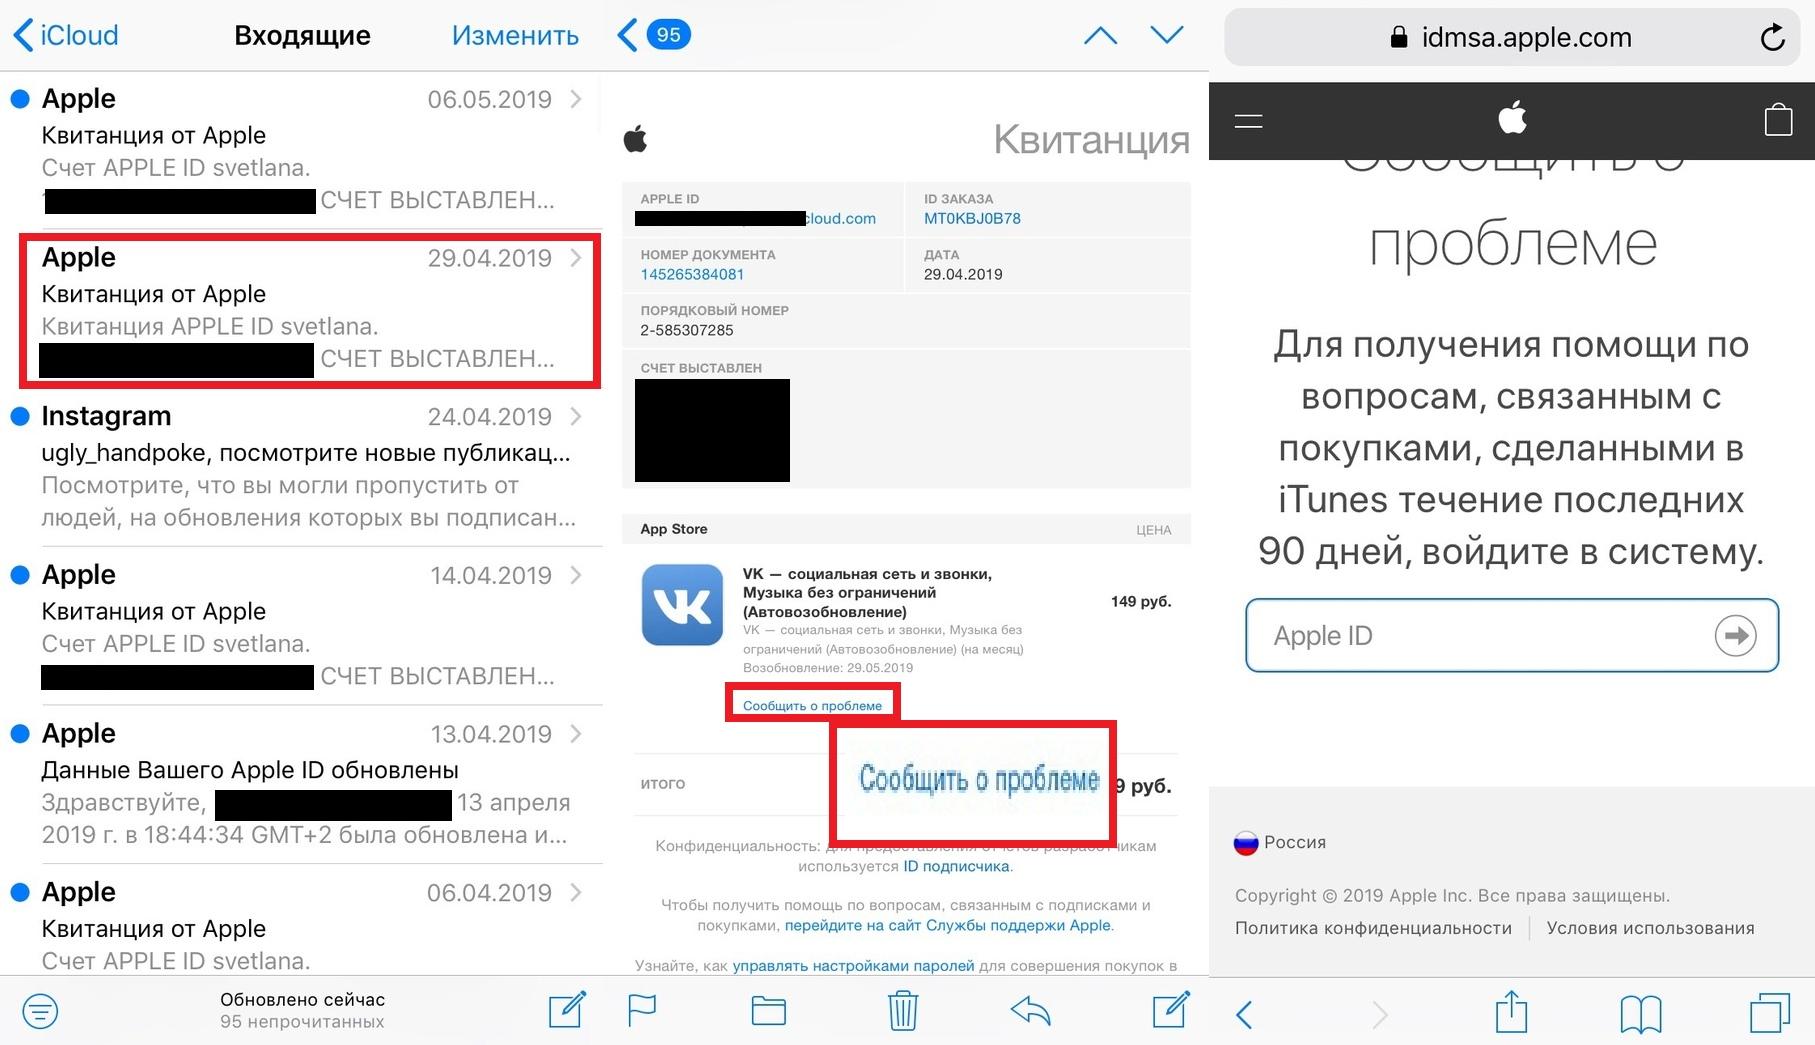 Как вернуть деньги за подписку через iPhone